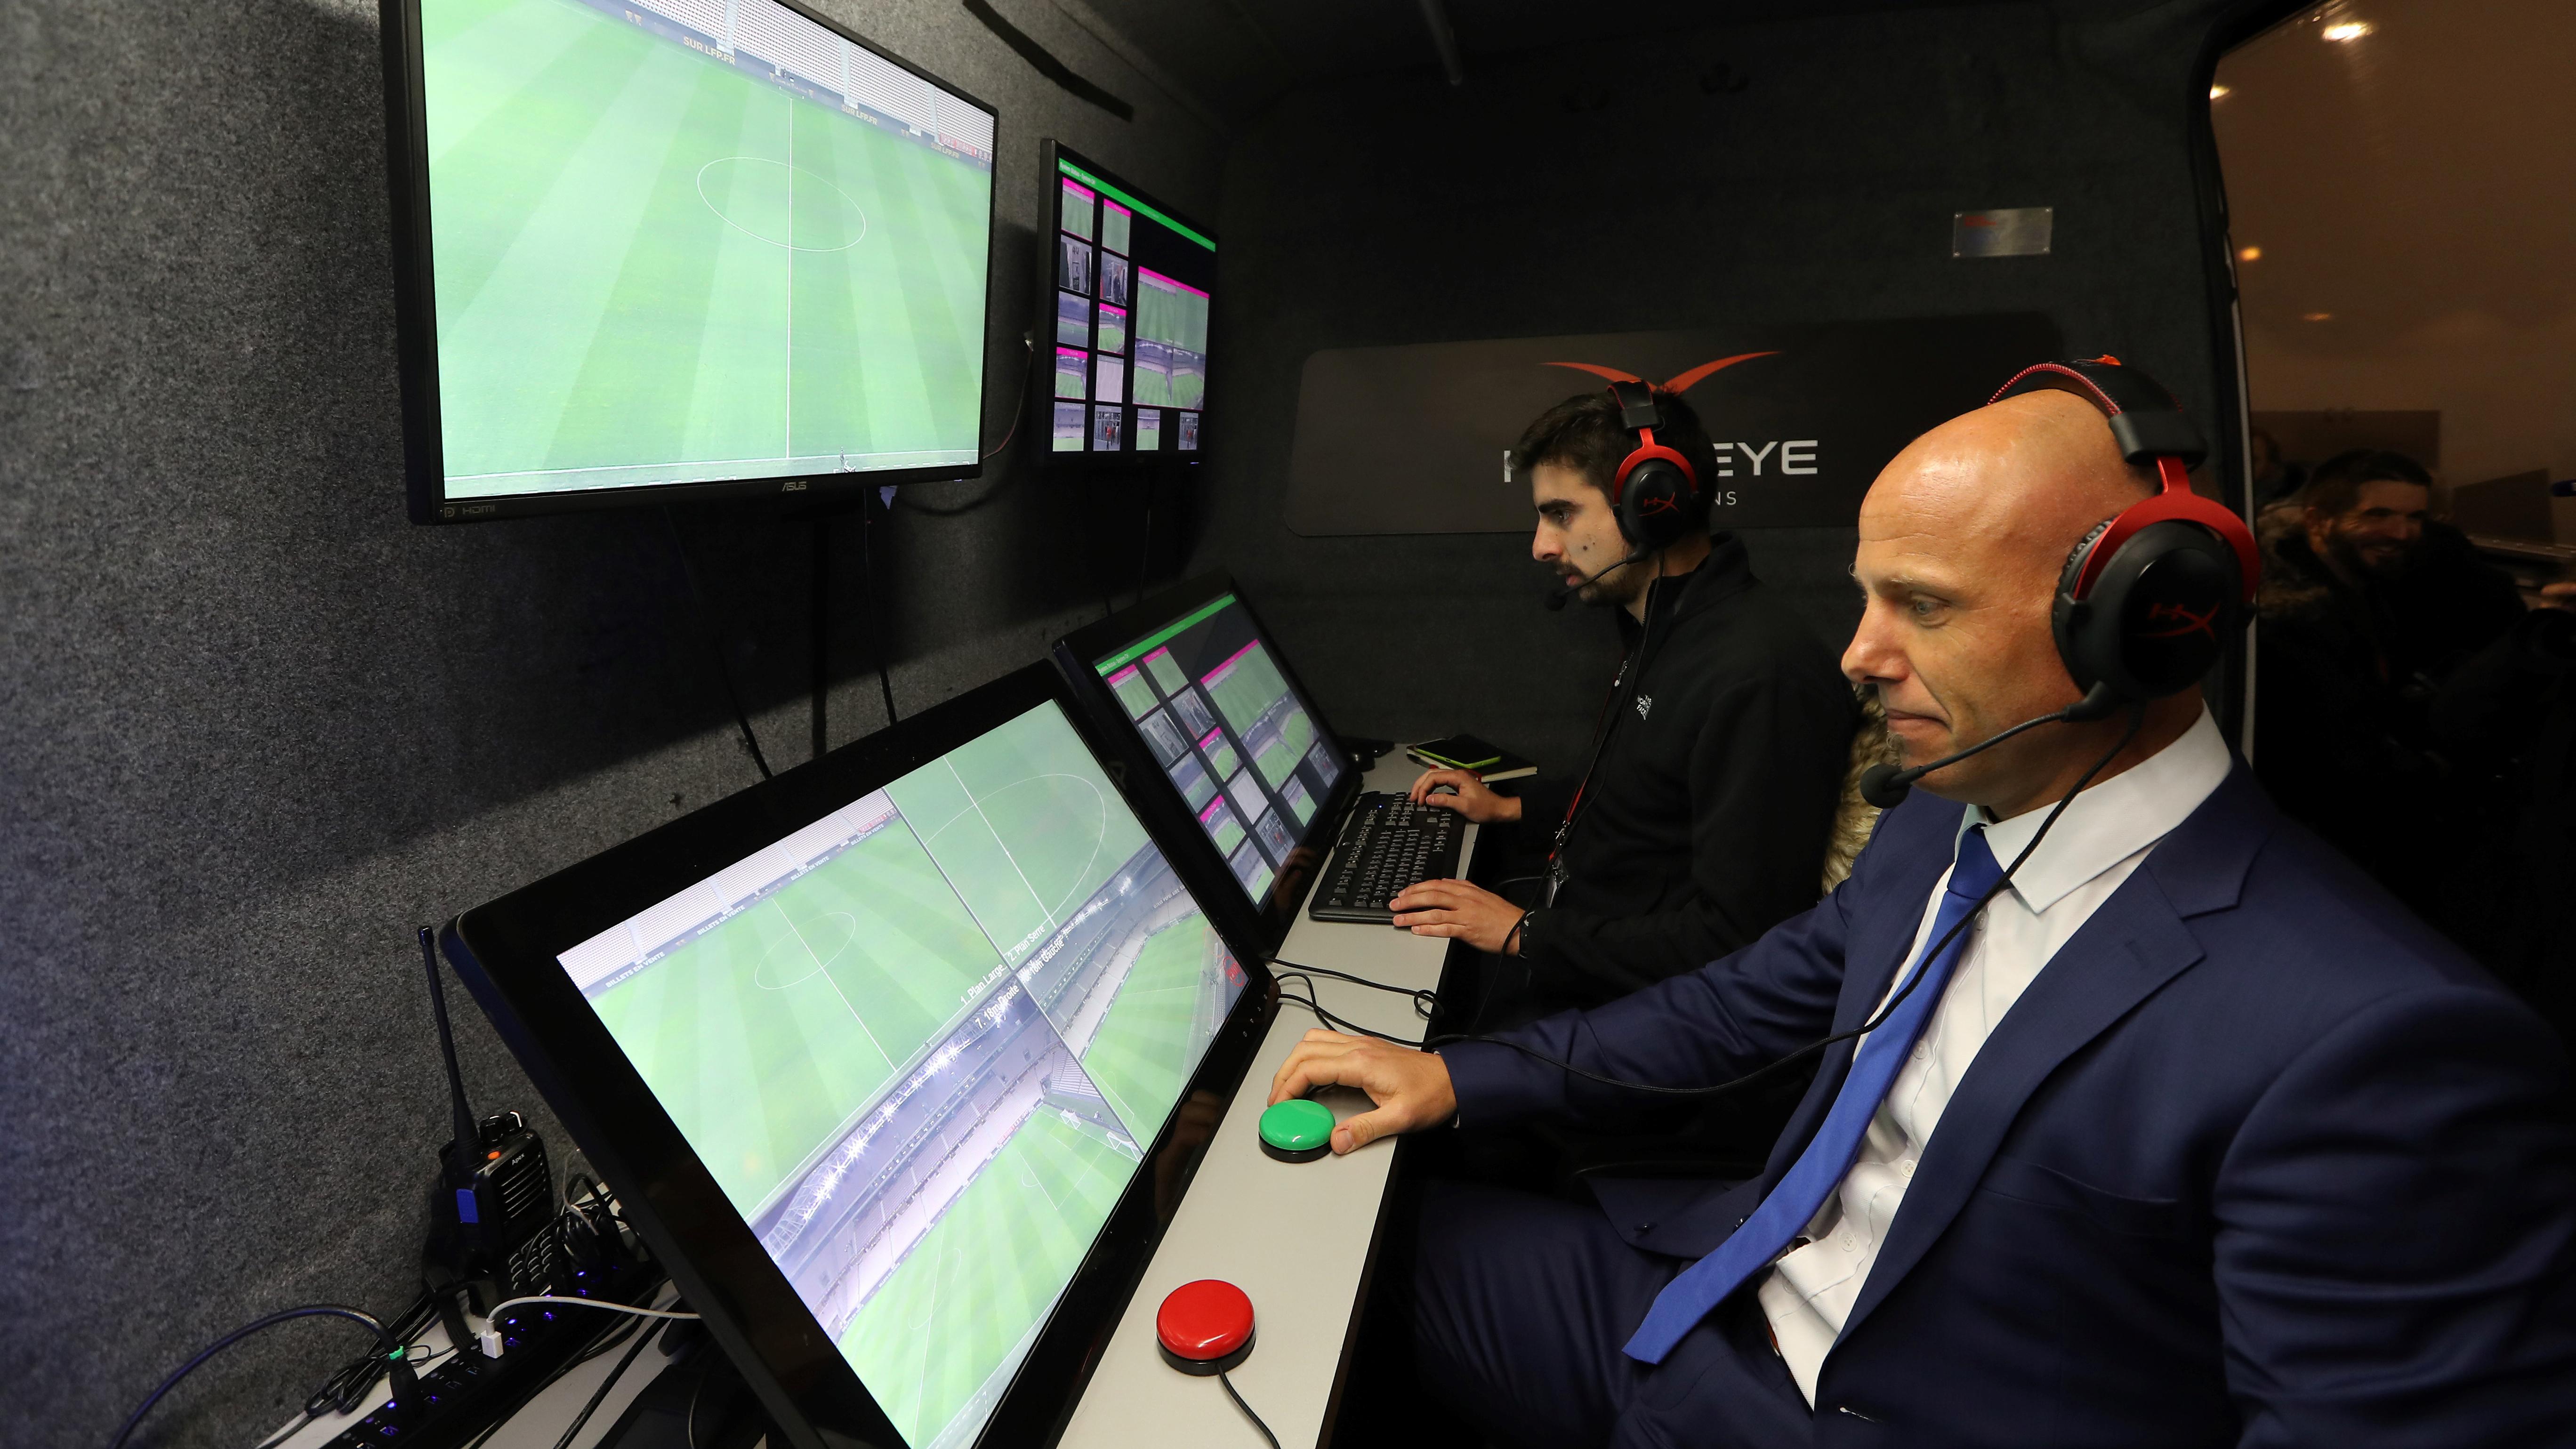 Var-video-assistant-referee_rv36o1uq4c631gl67l89exlnk